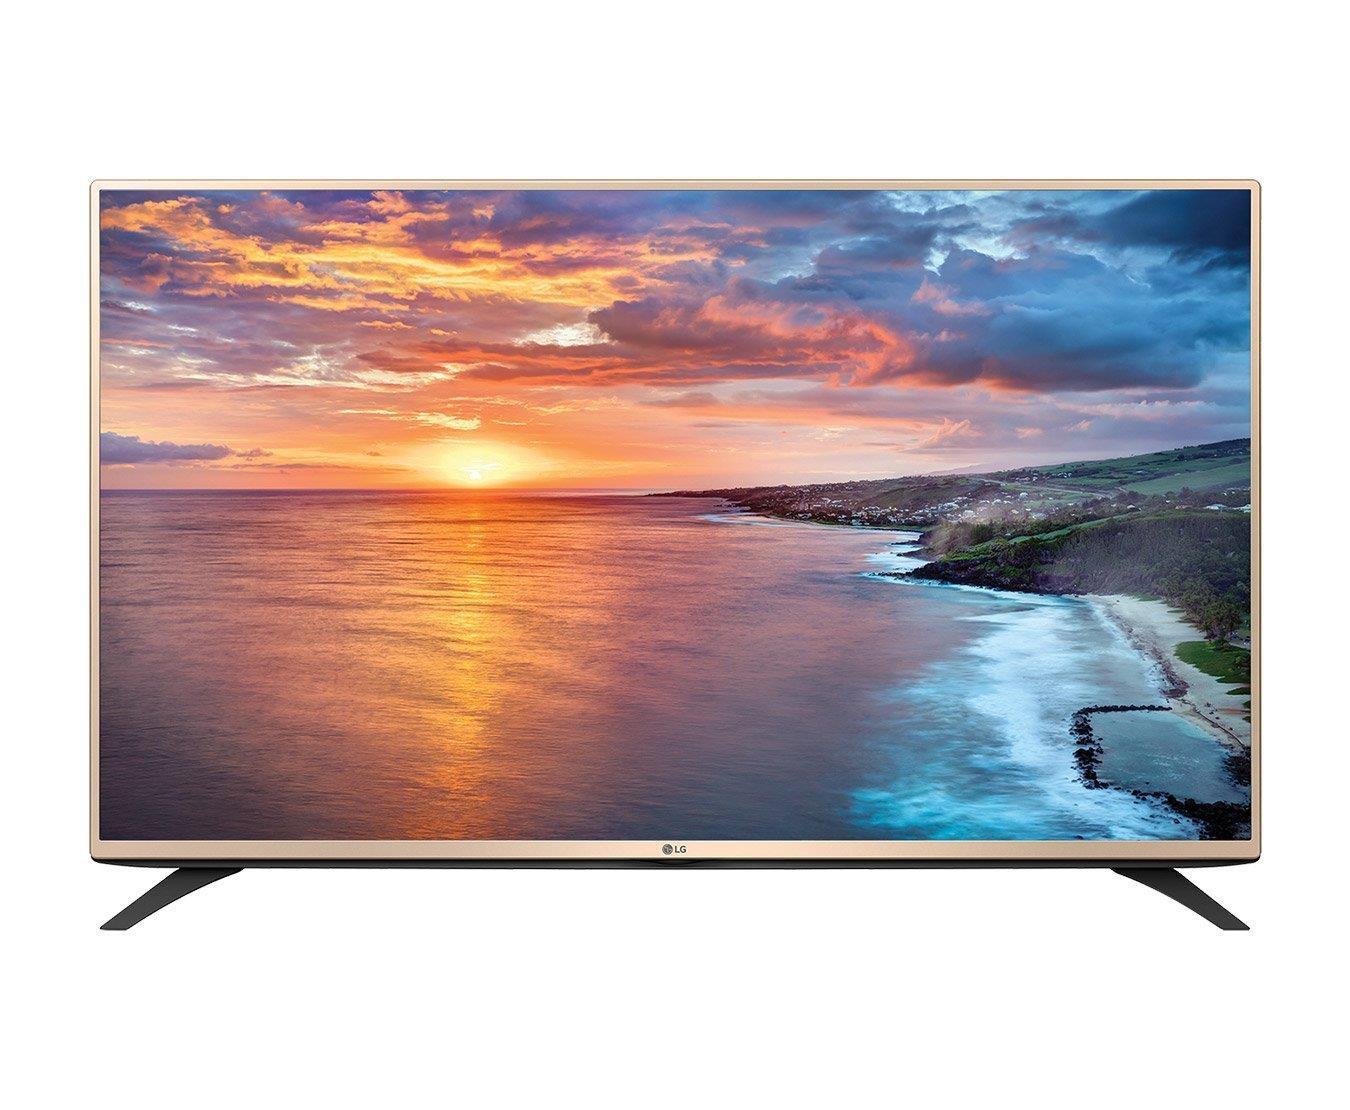 LG 43UF690T 108 cm (43) LED TV (Ultra HD (4K), Smart) Image